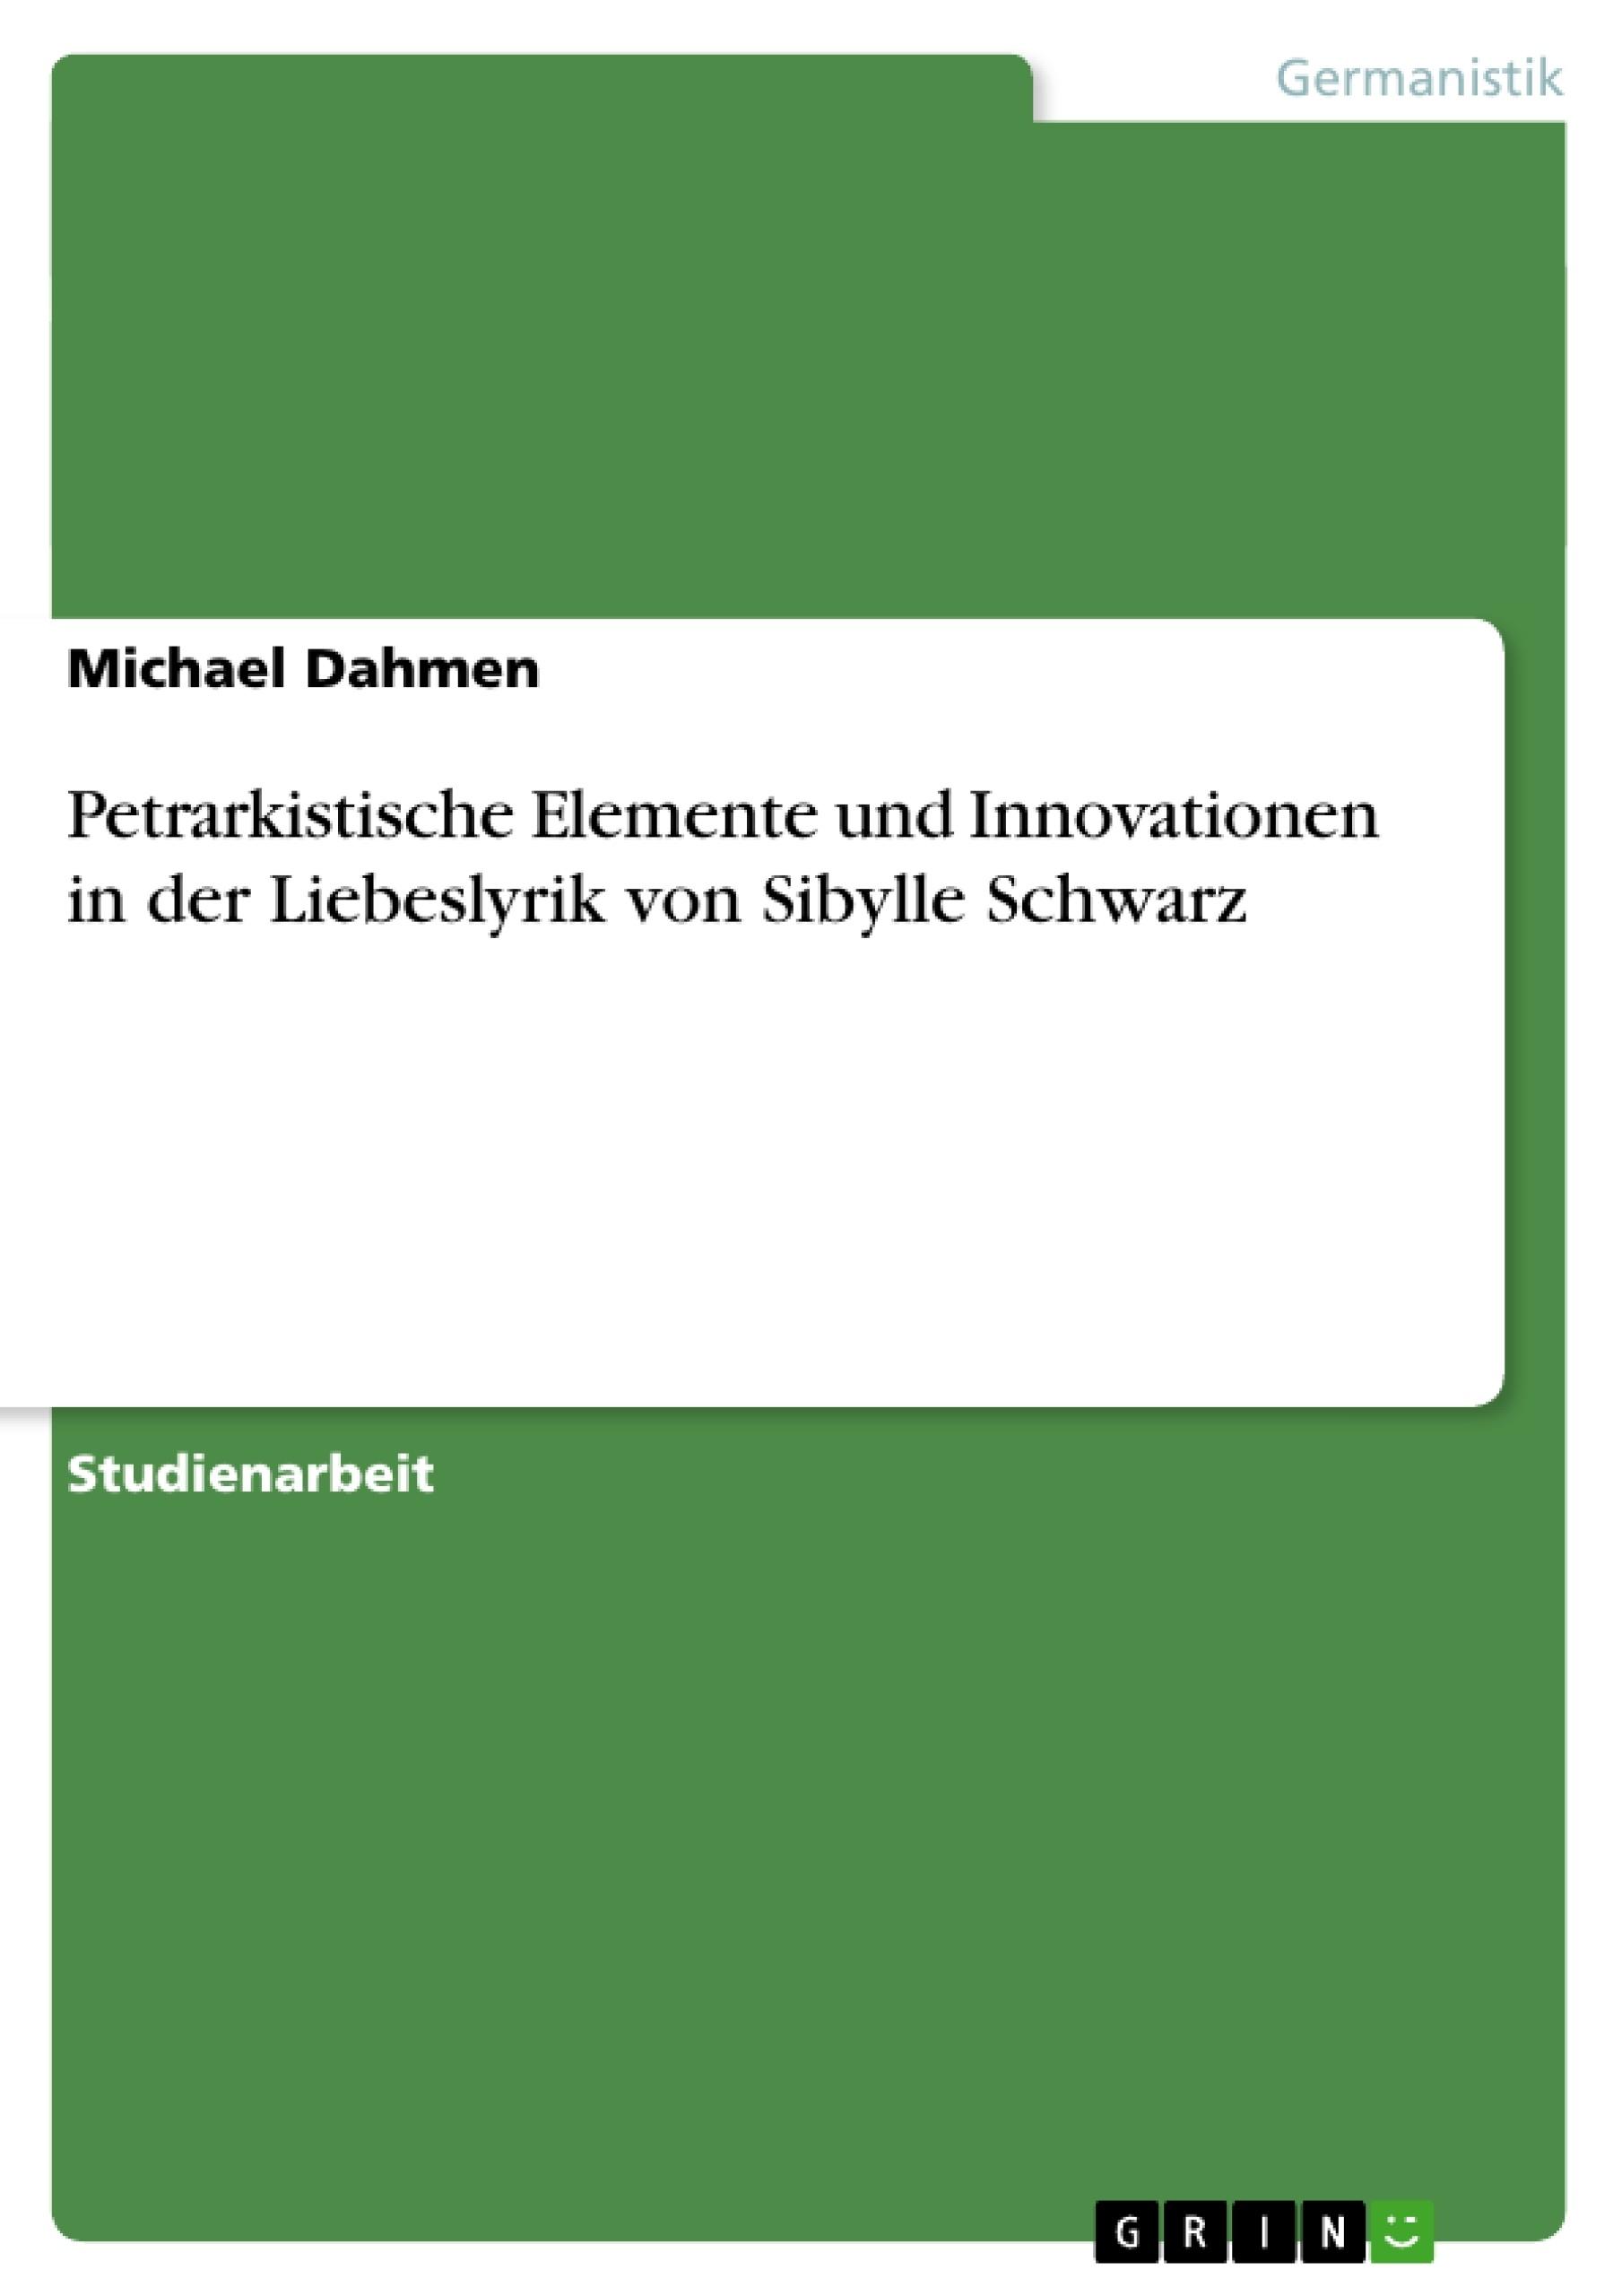 Titel: Petrarkistische Elemente und Innovationen in der Liebeslyrik von Sibylle Schwarz